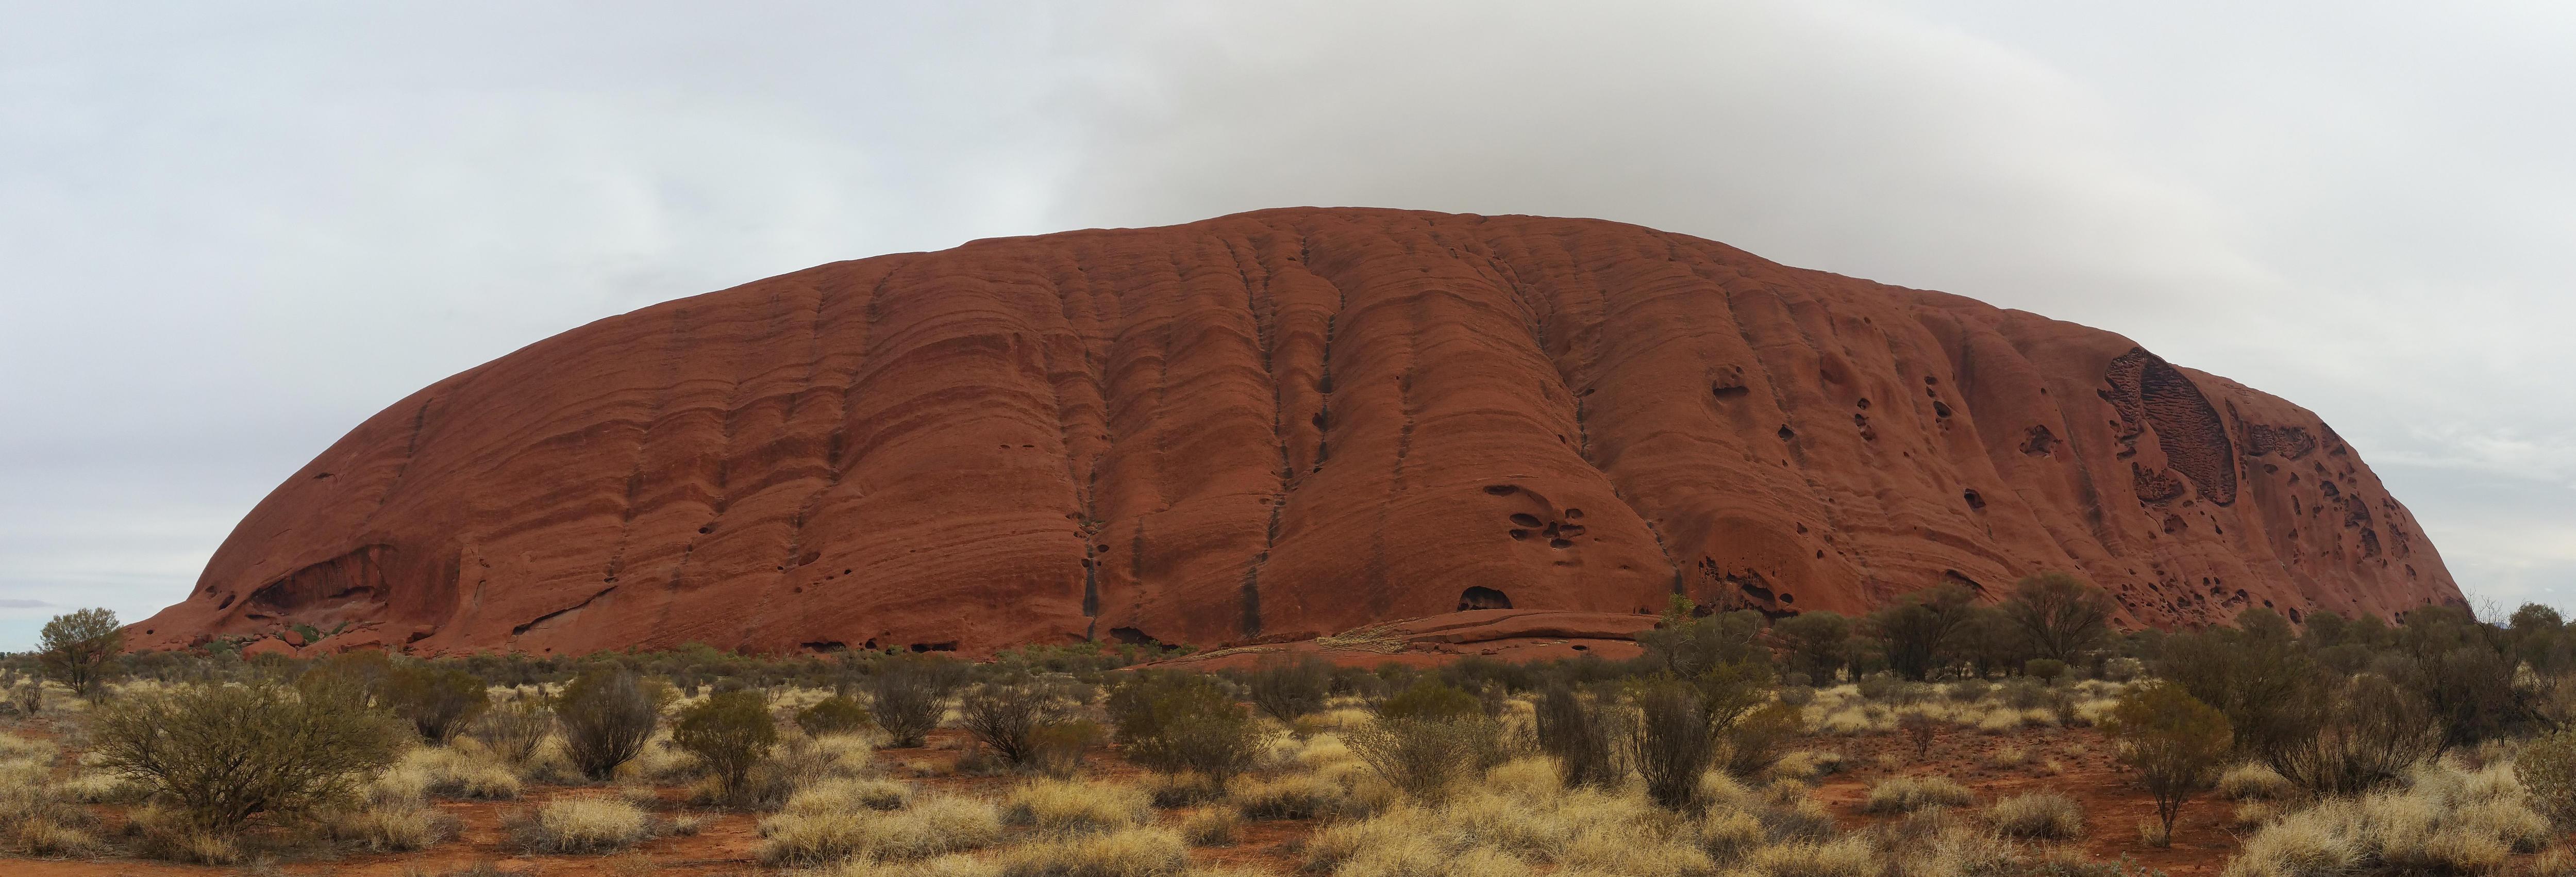 Uluru1